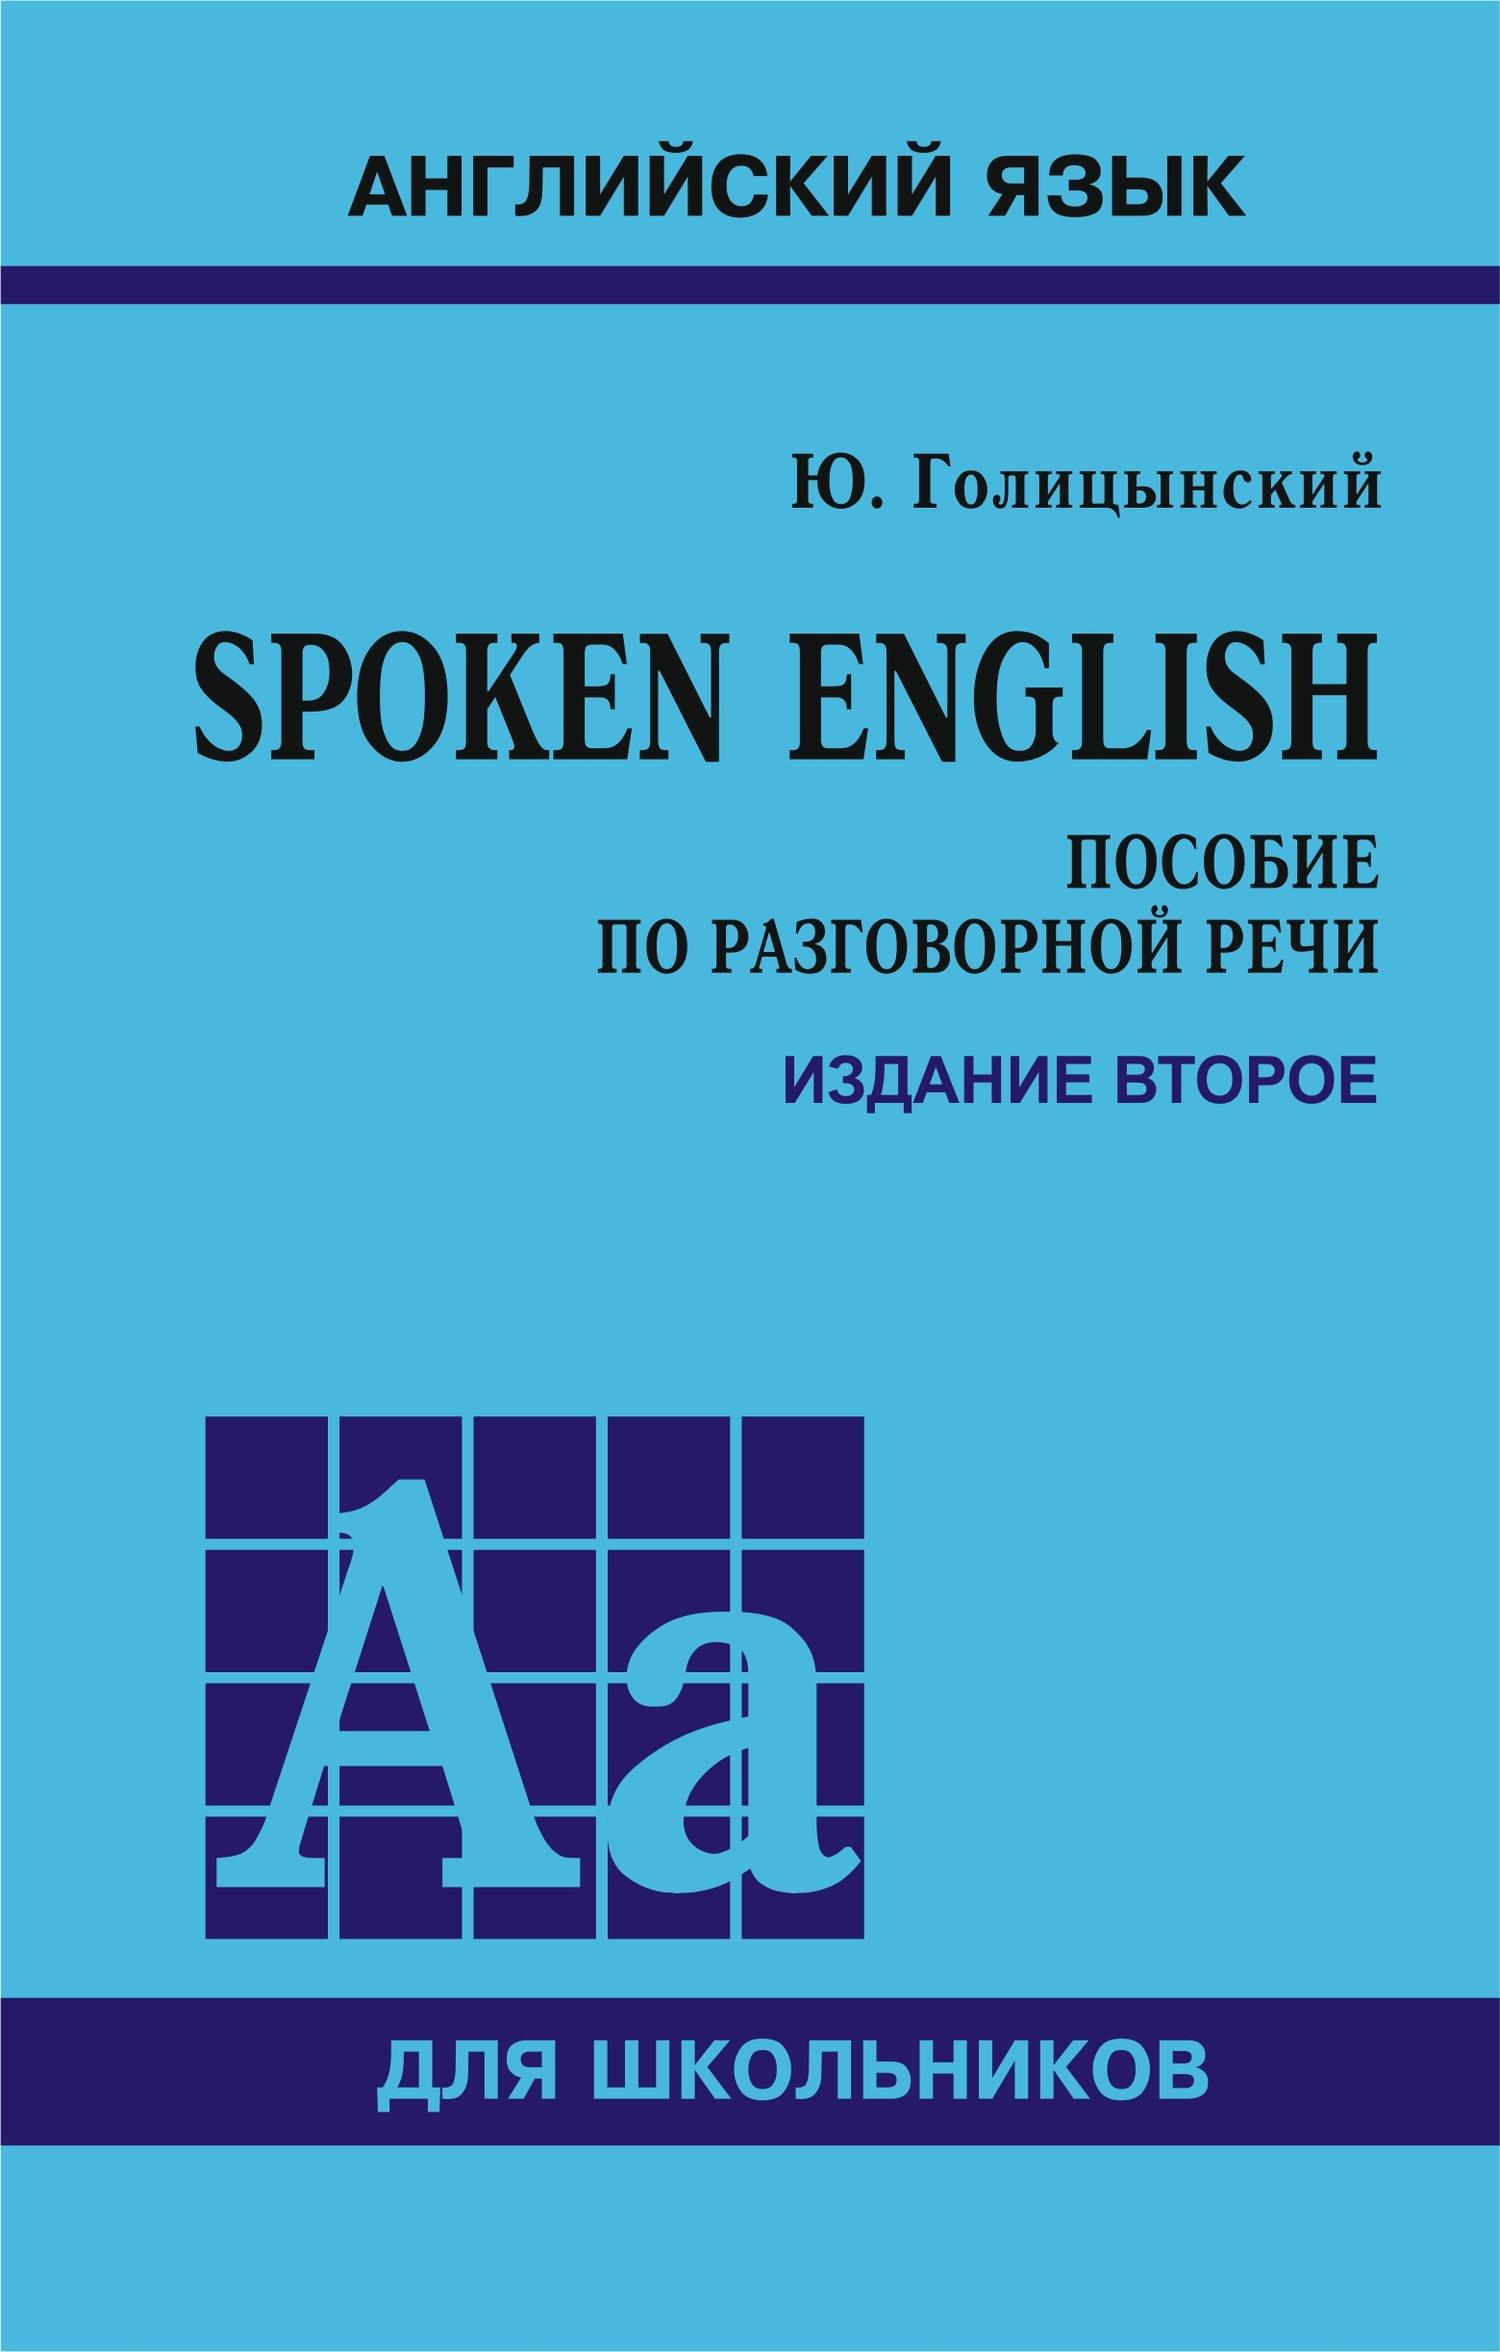 Ю. Б. Голицынский Spoken English. Пособие по разговорной речи для школьников. 2-е издание